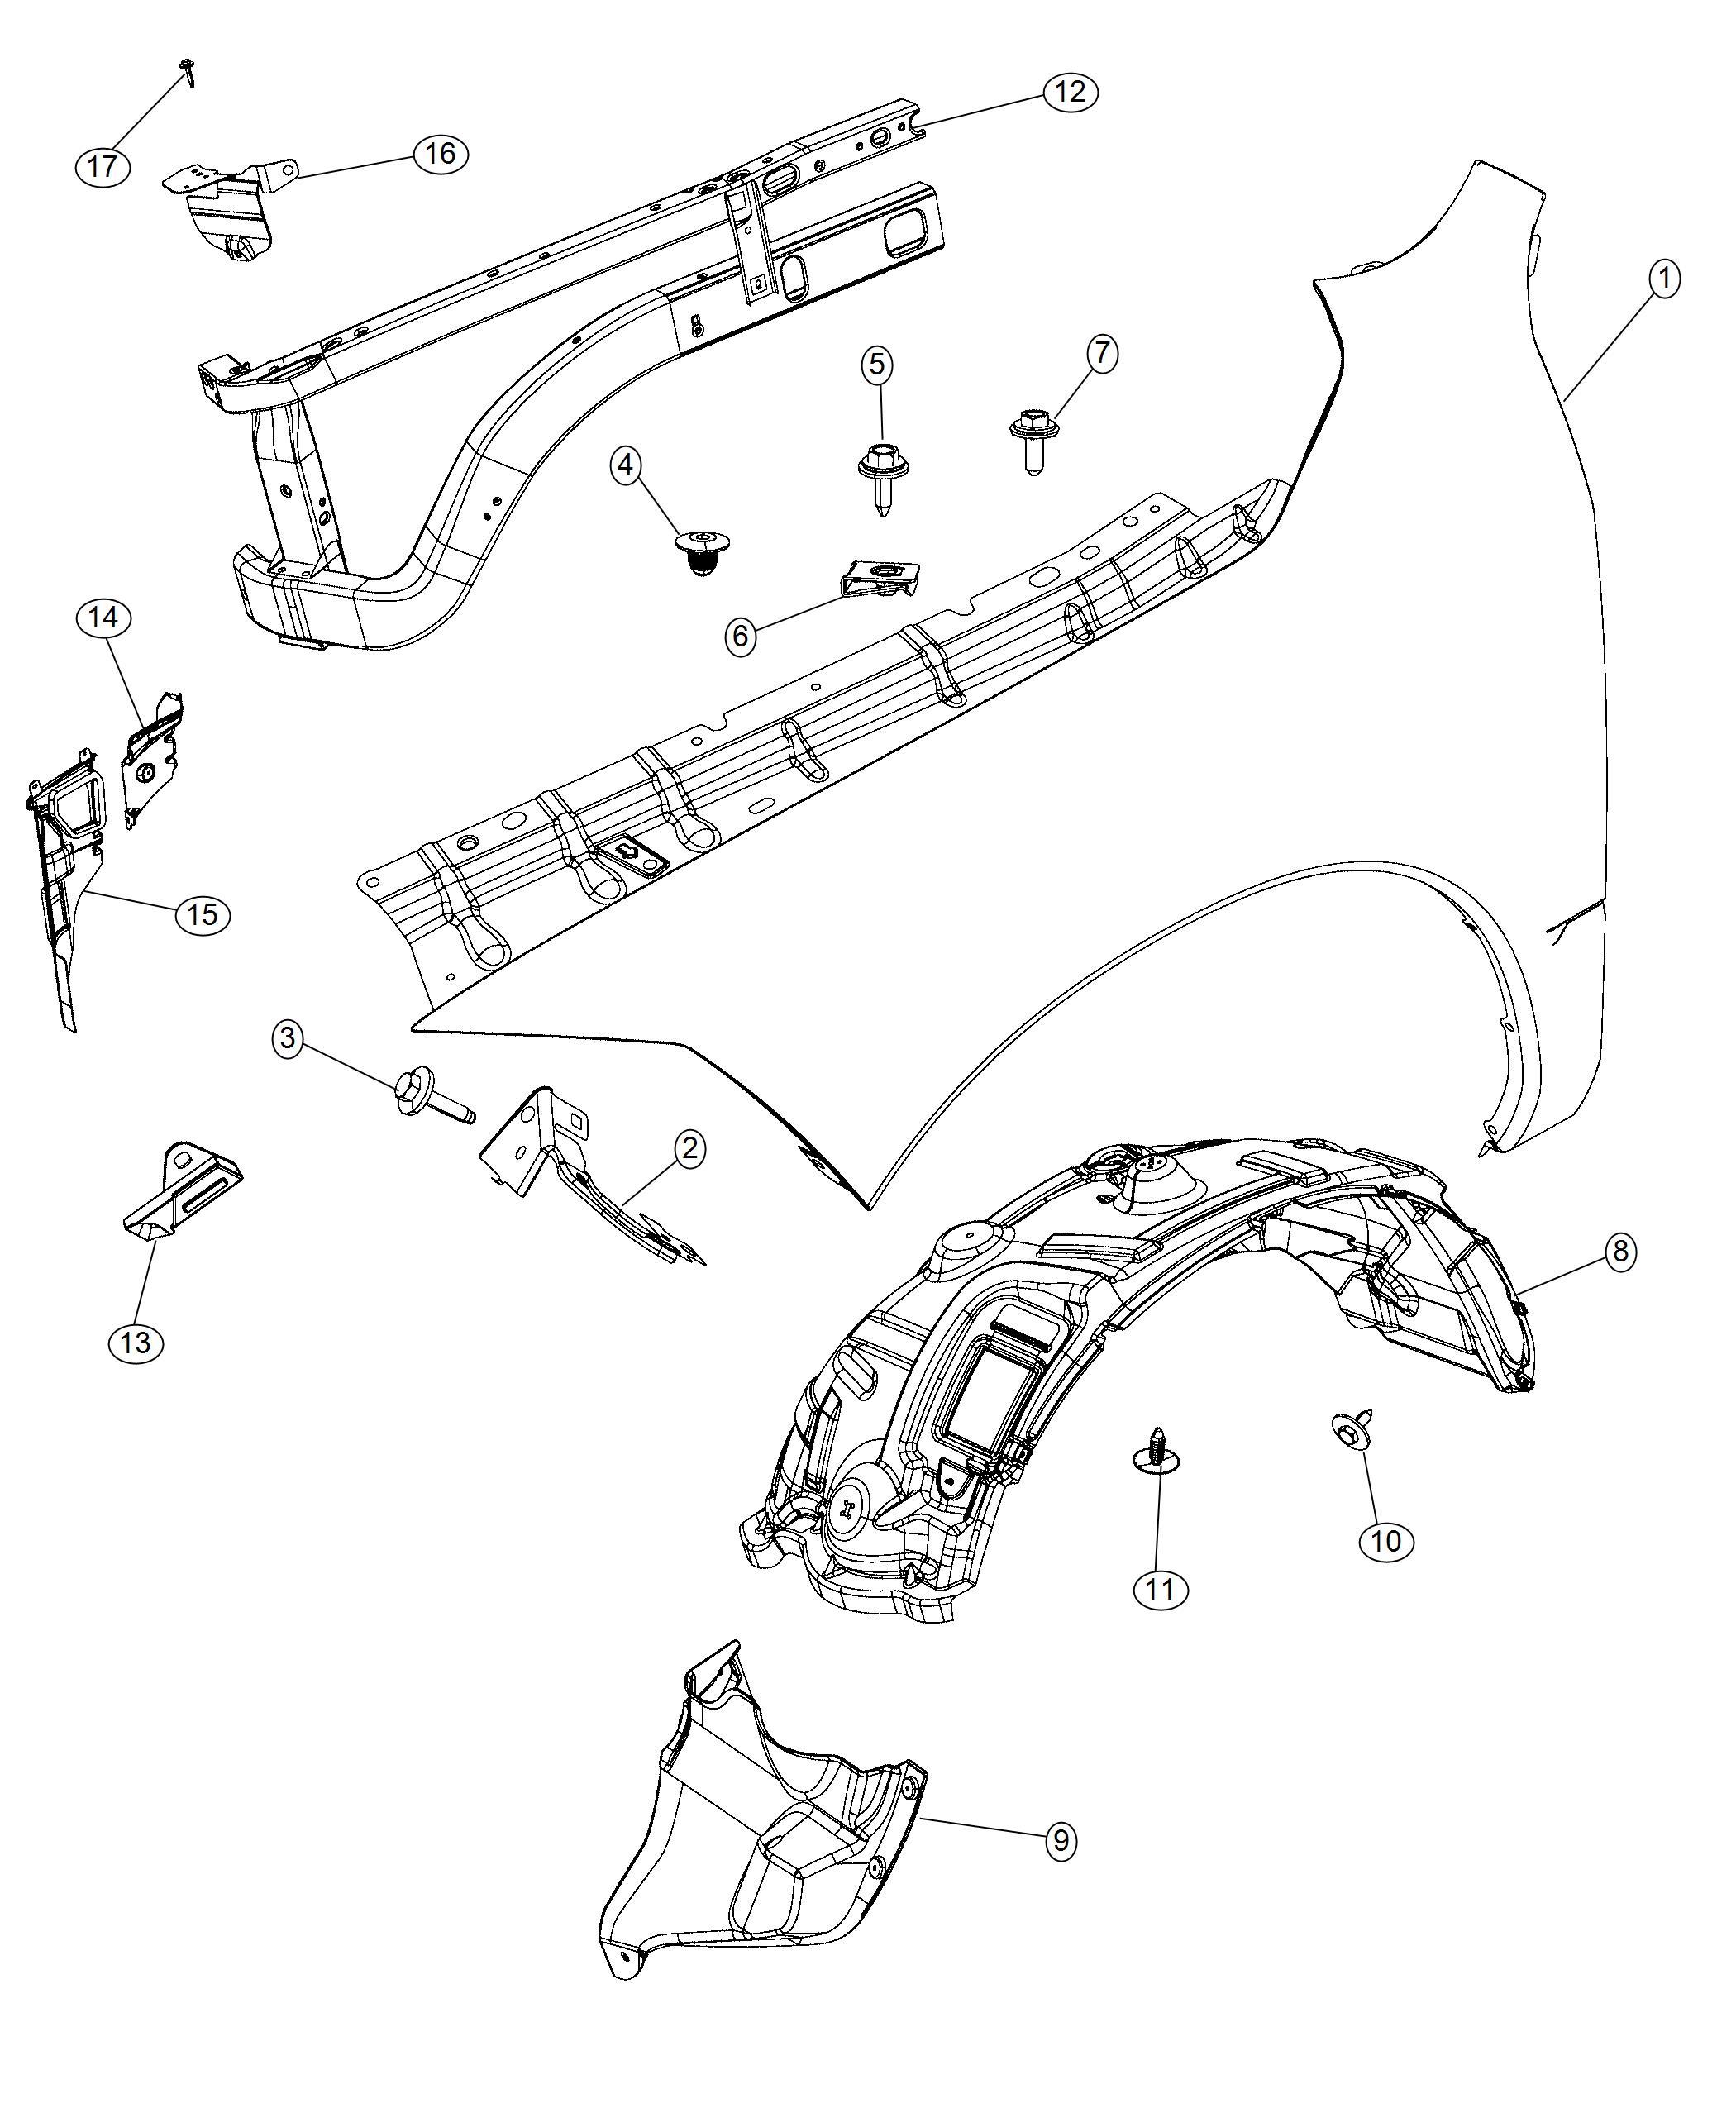 Ram Screw Tapping Hex Head M4 8x1 59x32 80